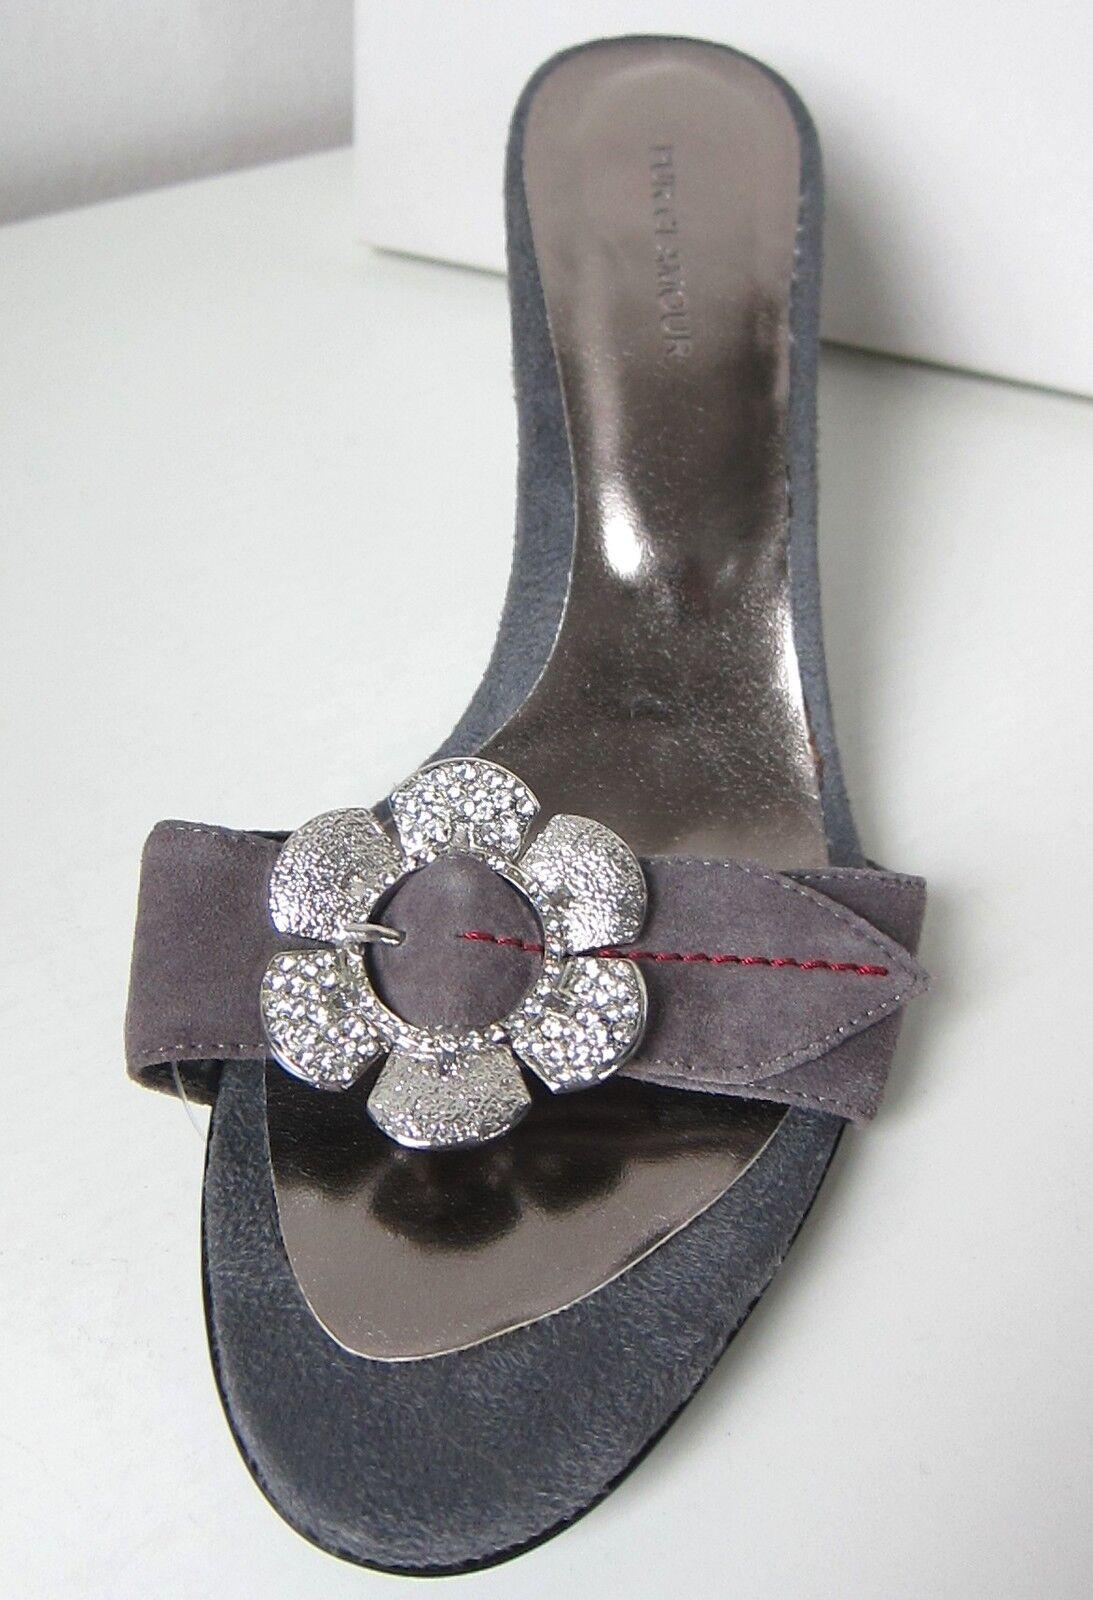 Unikat von PUR GLAMOUR Mule Pumps grau hellgrau Gr. 39 Sandals schuhe grau